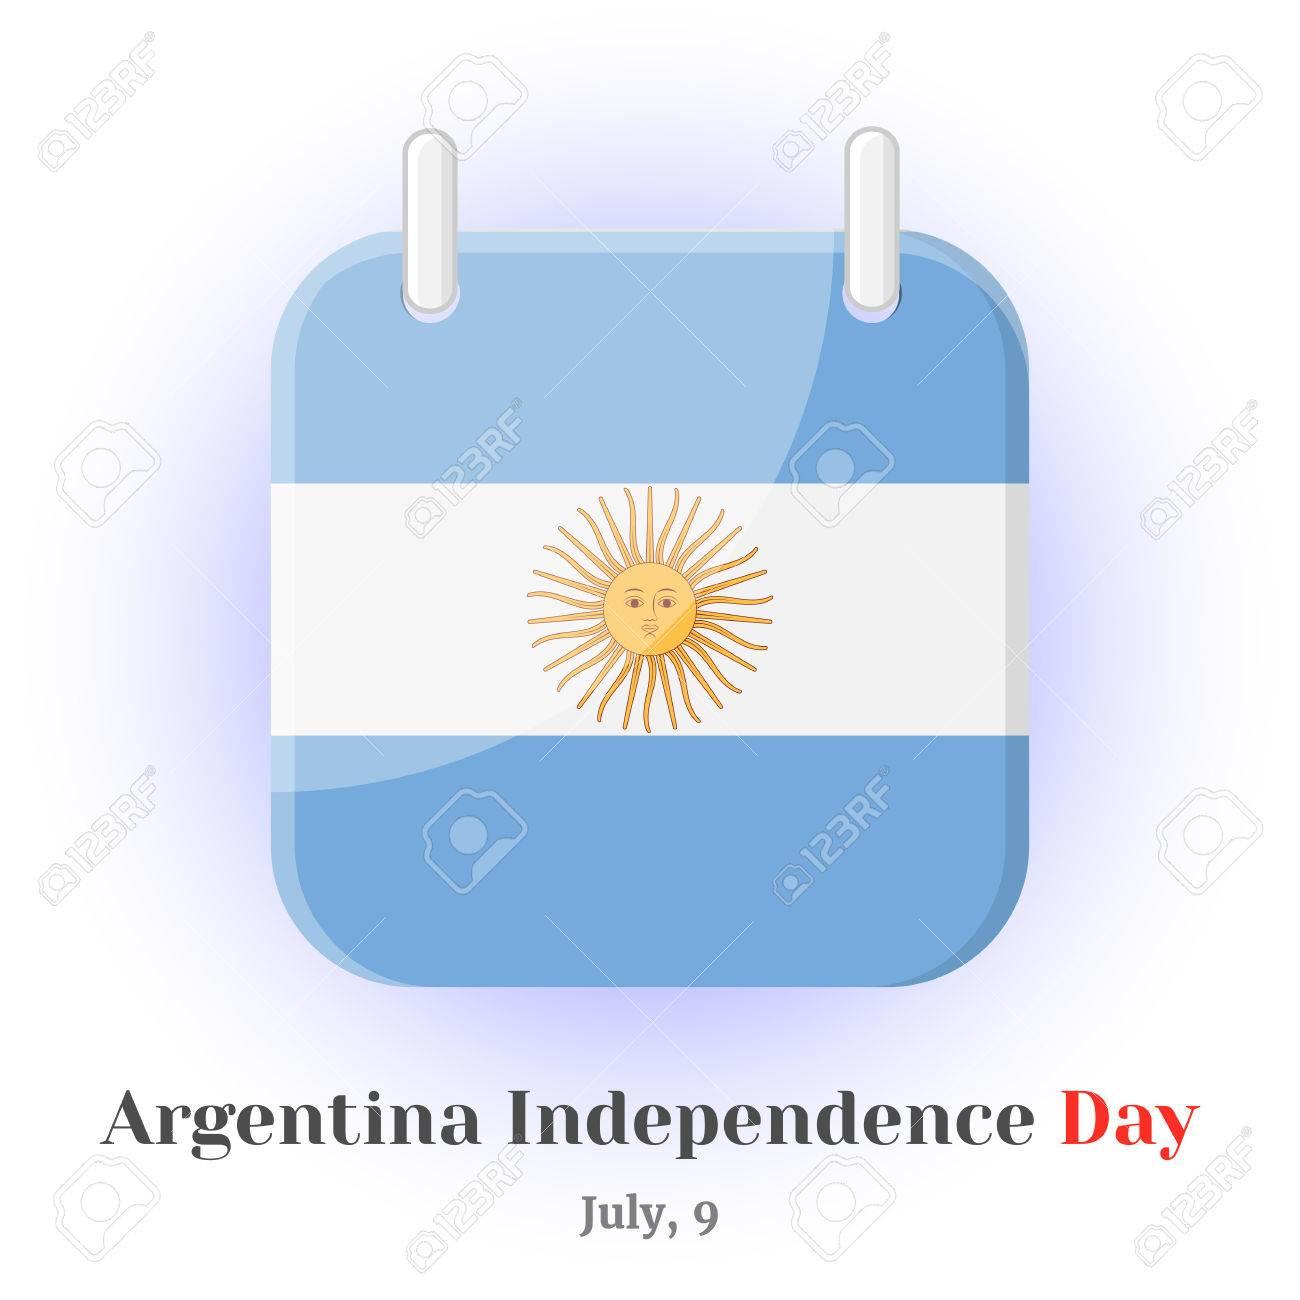 Icono De Calendario Con Bandera De Argentina Y Letras Para Su Diseño Aislado Sobre Fondo Azul En Estilo De Dibujos Animados Para El Día De La